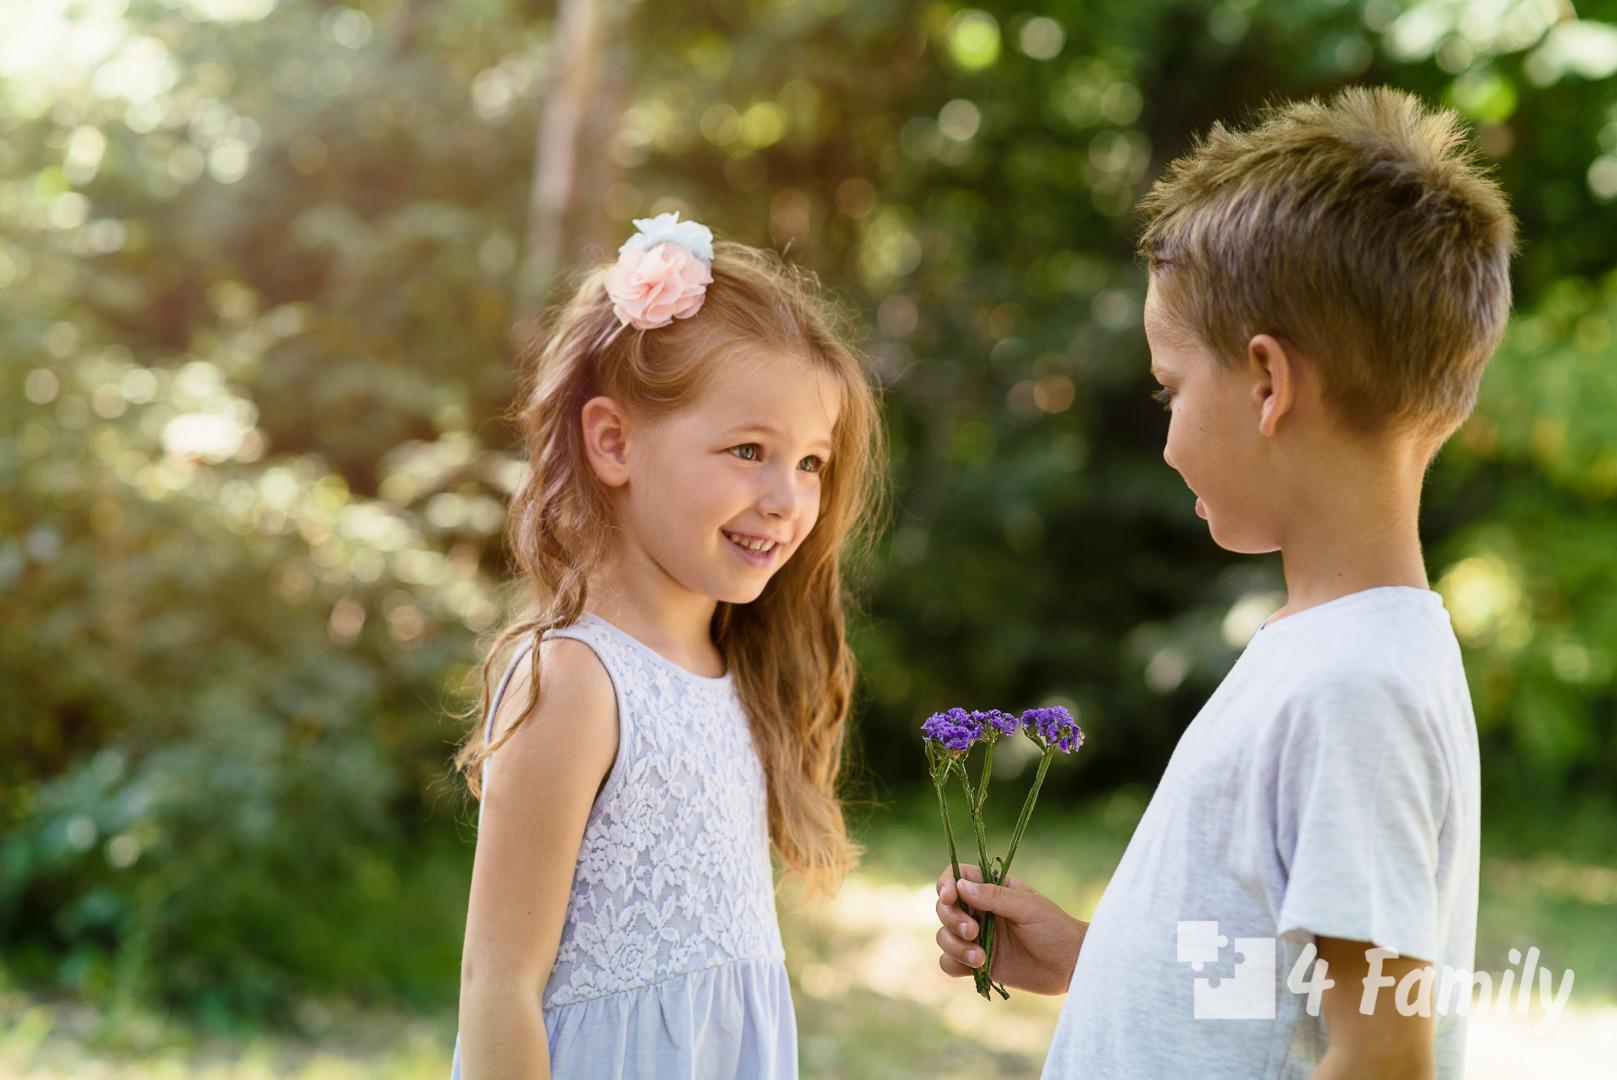 Разговоры с детьми о любви и семье